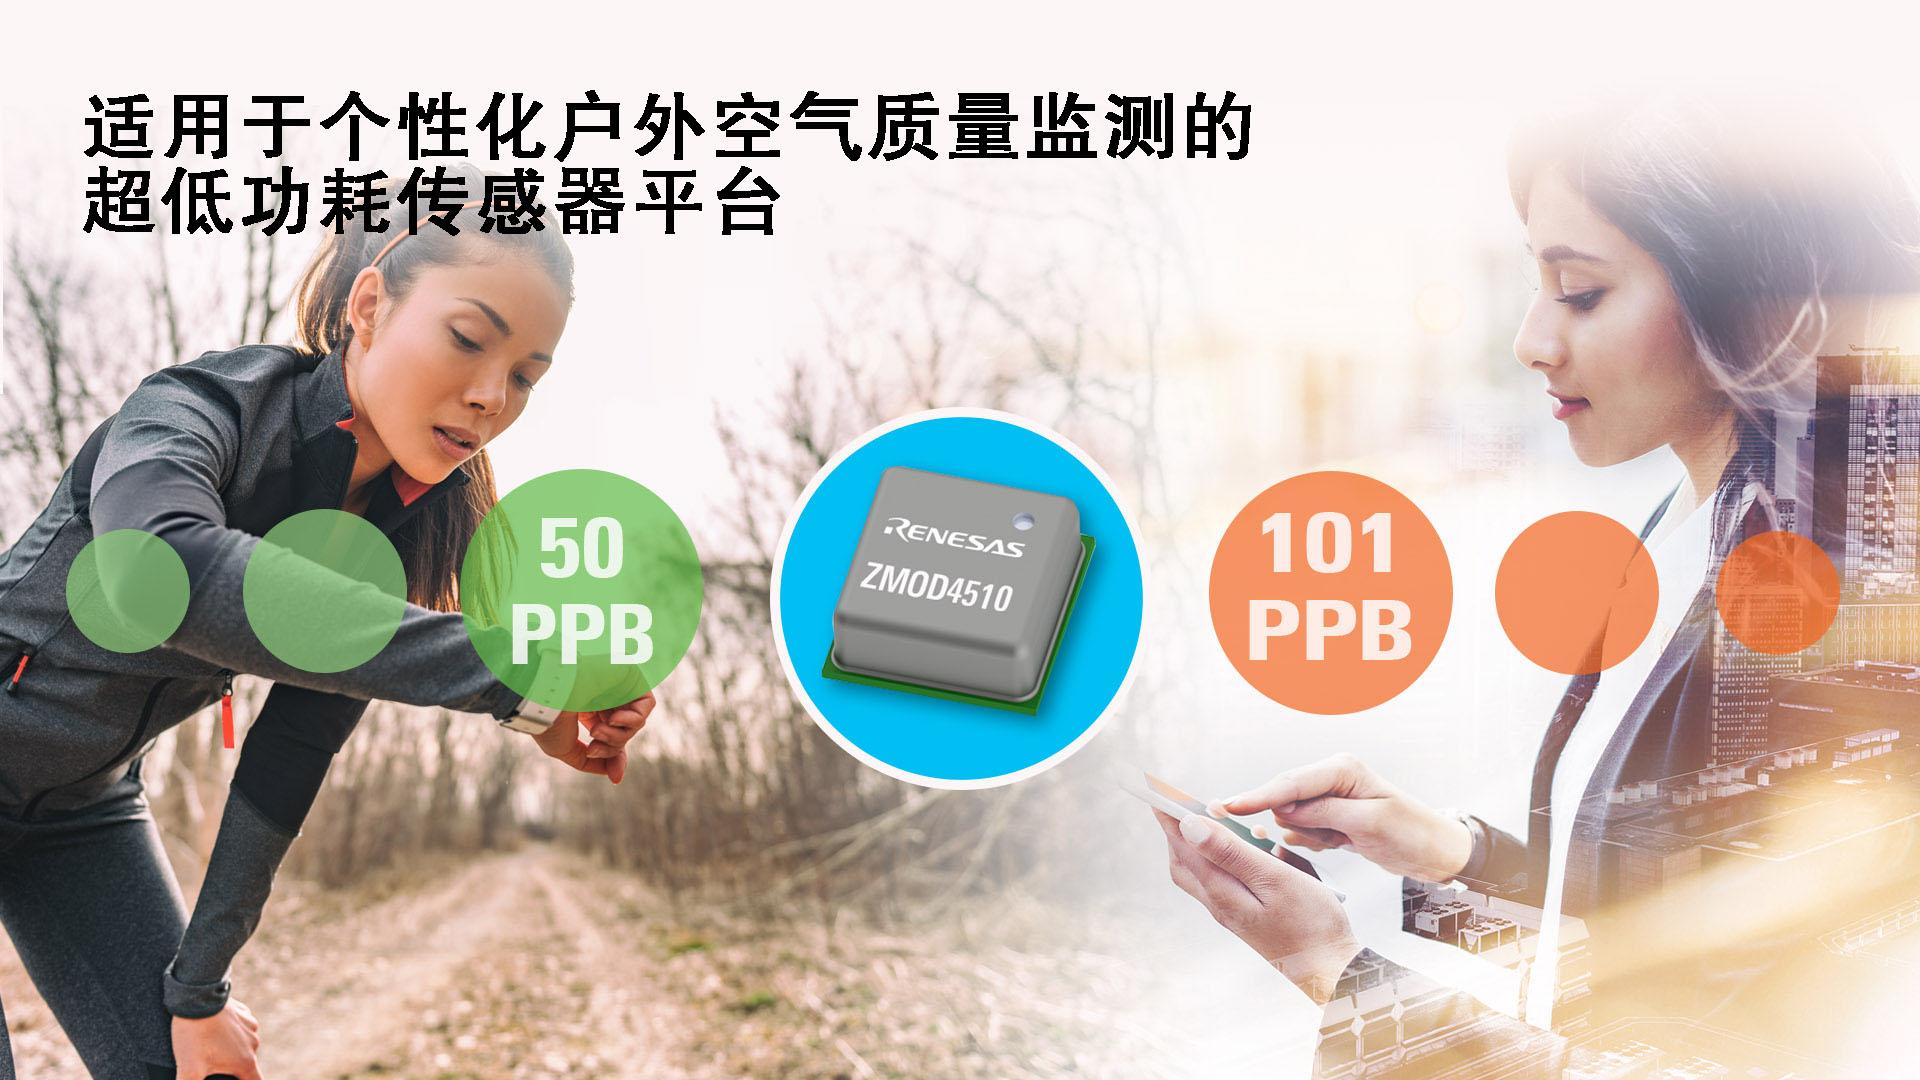 瑞萨电子推出超低功耗ZMOD4510户外空气质量传感器平台 解锁个性化空气质量监测体验